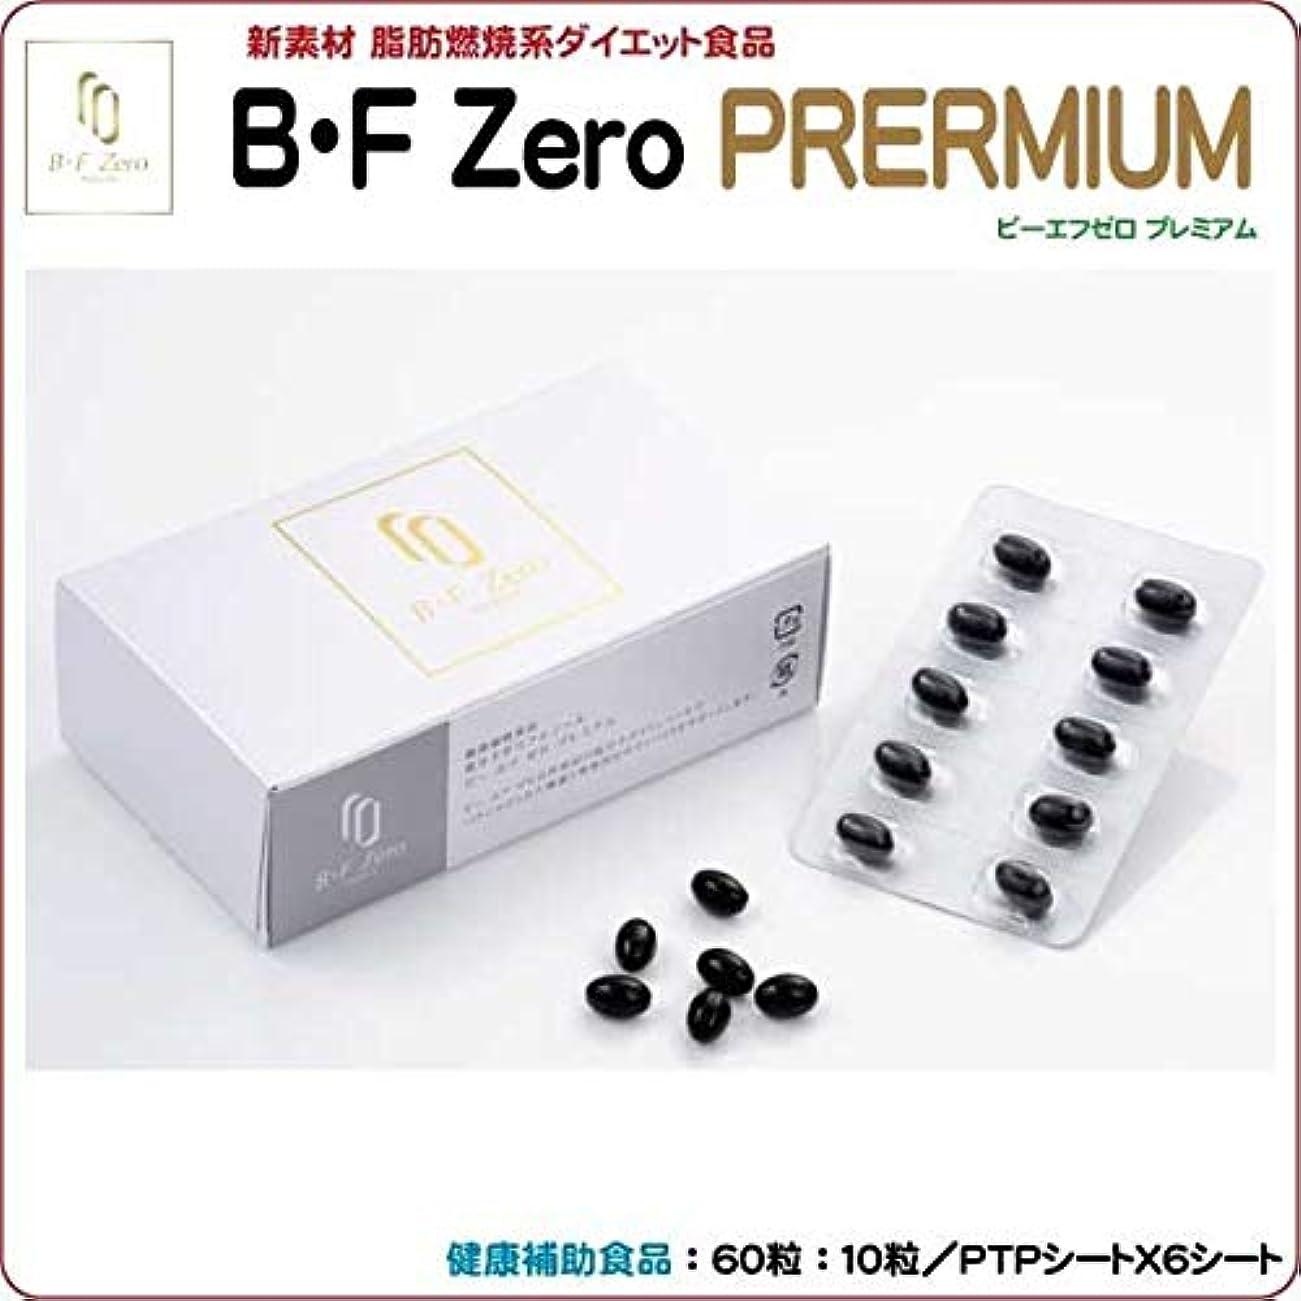 強制的ナット紫のビーエフゼロプレミアム B?F Zero PREMIUM